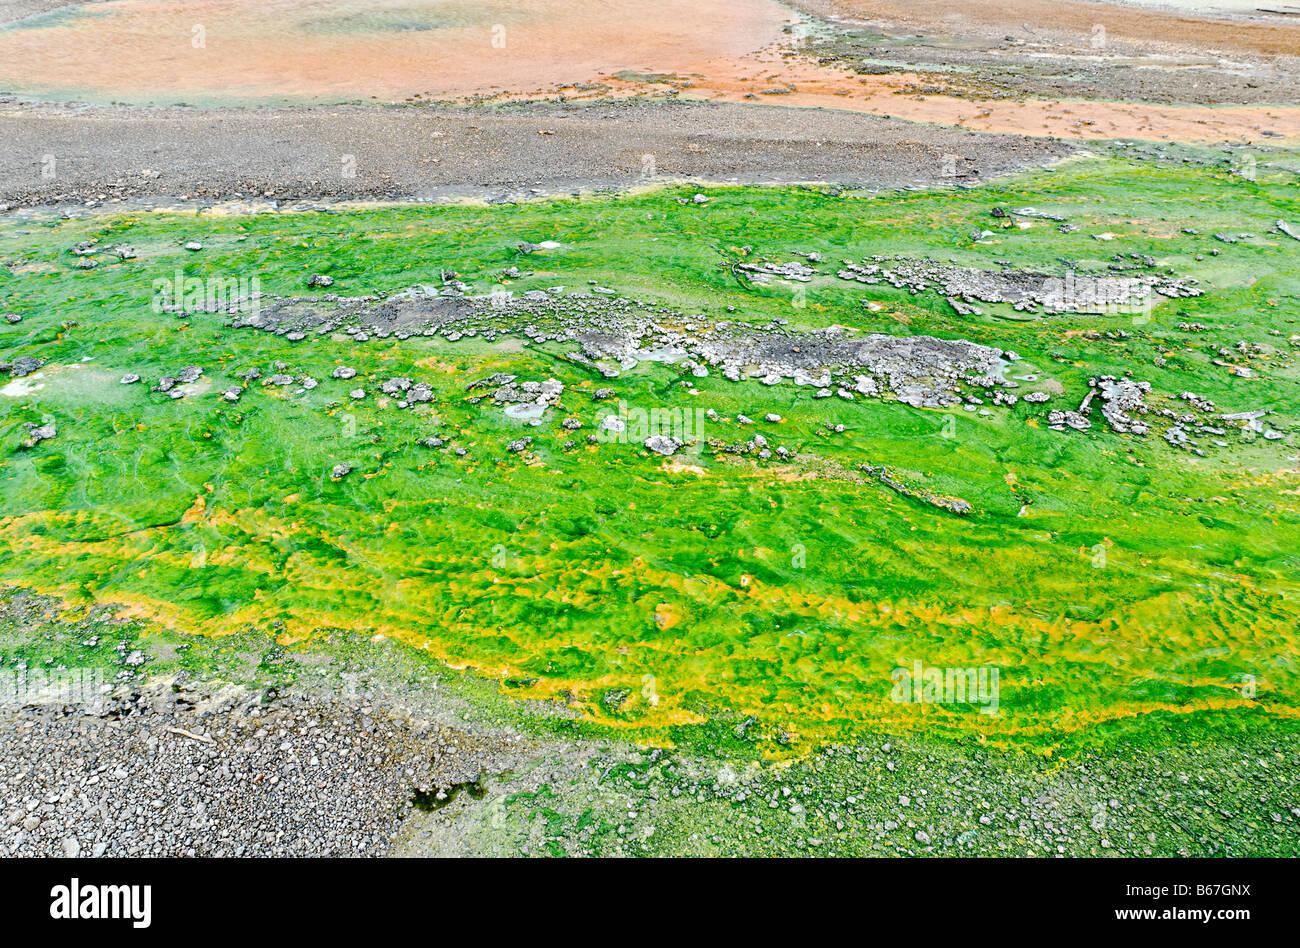 Primer plano del escurrimiento de aguas termales con coloridas algas y bacterias. Foto de stock